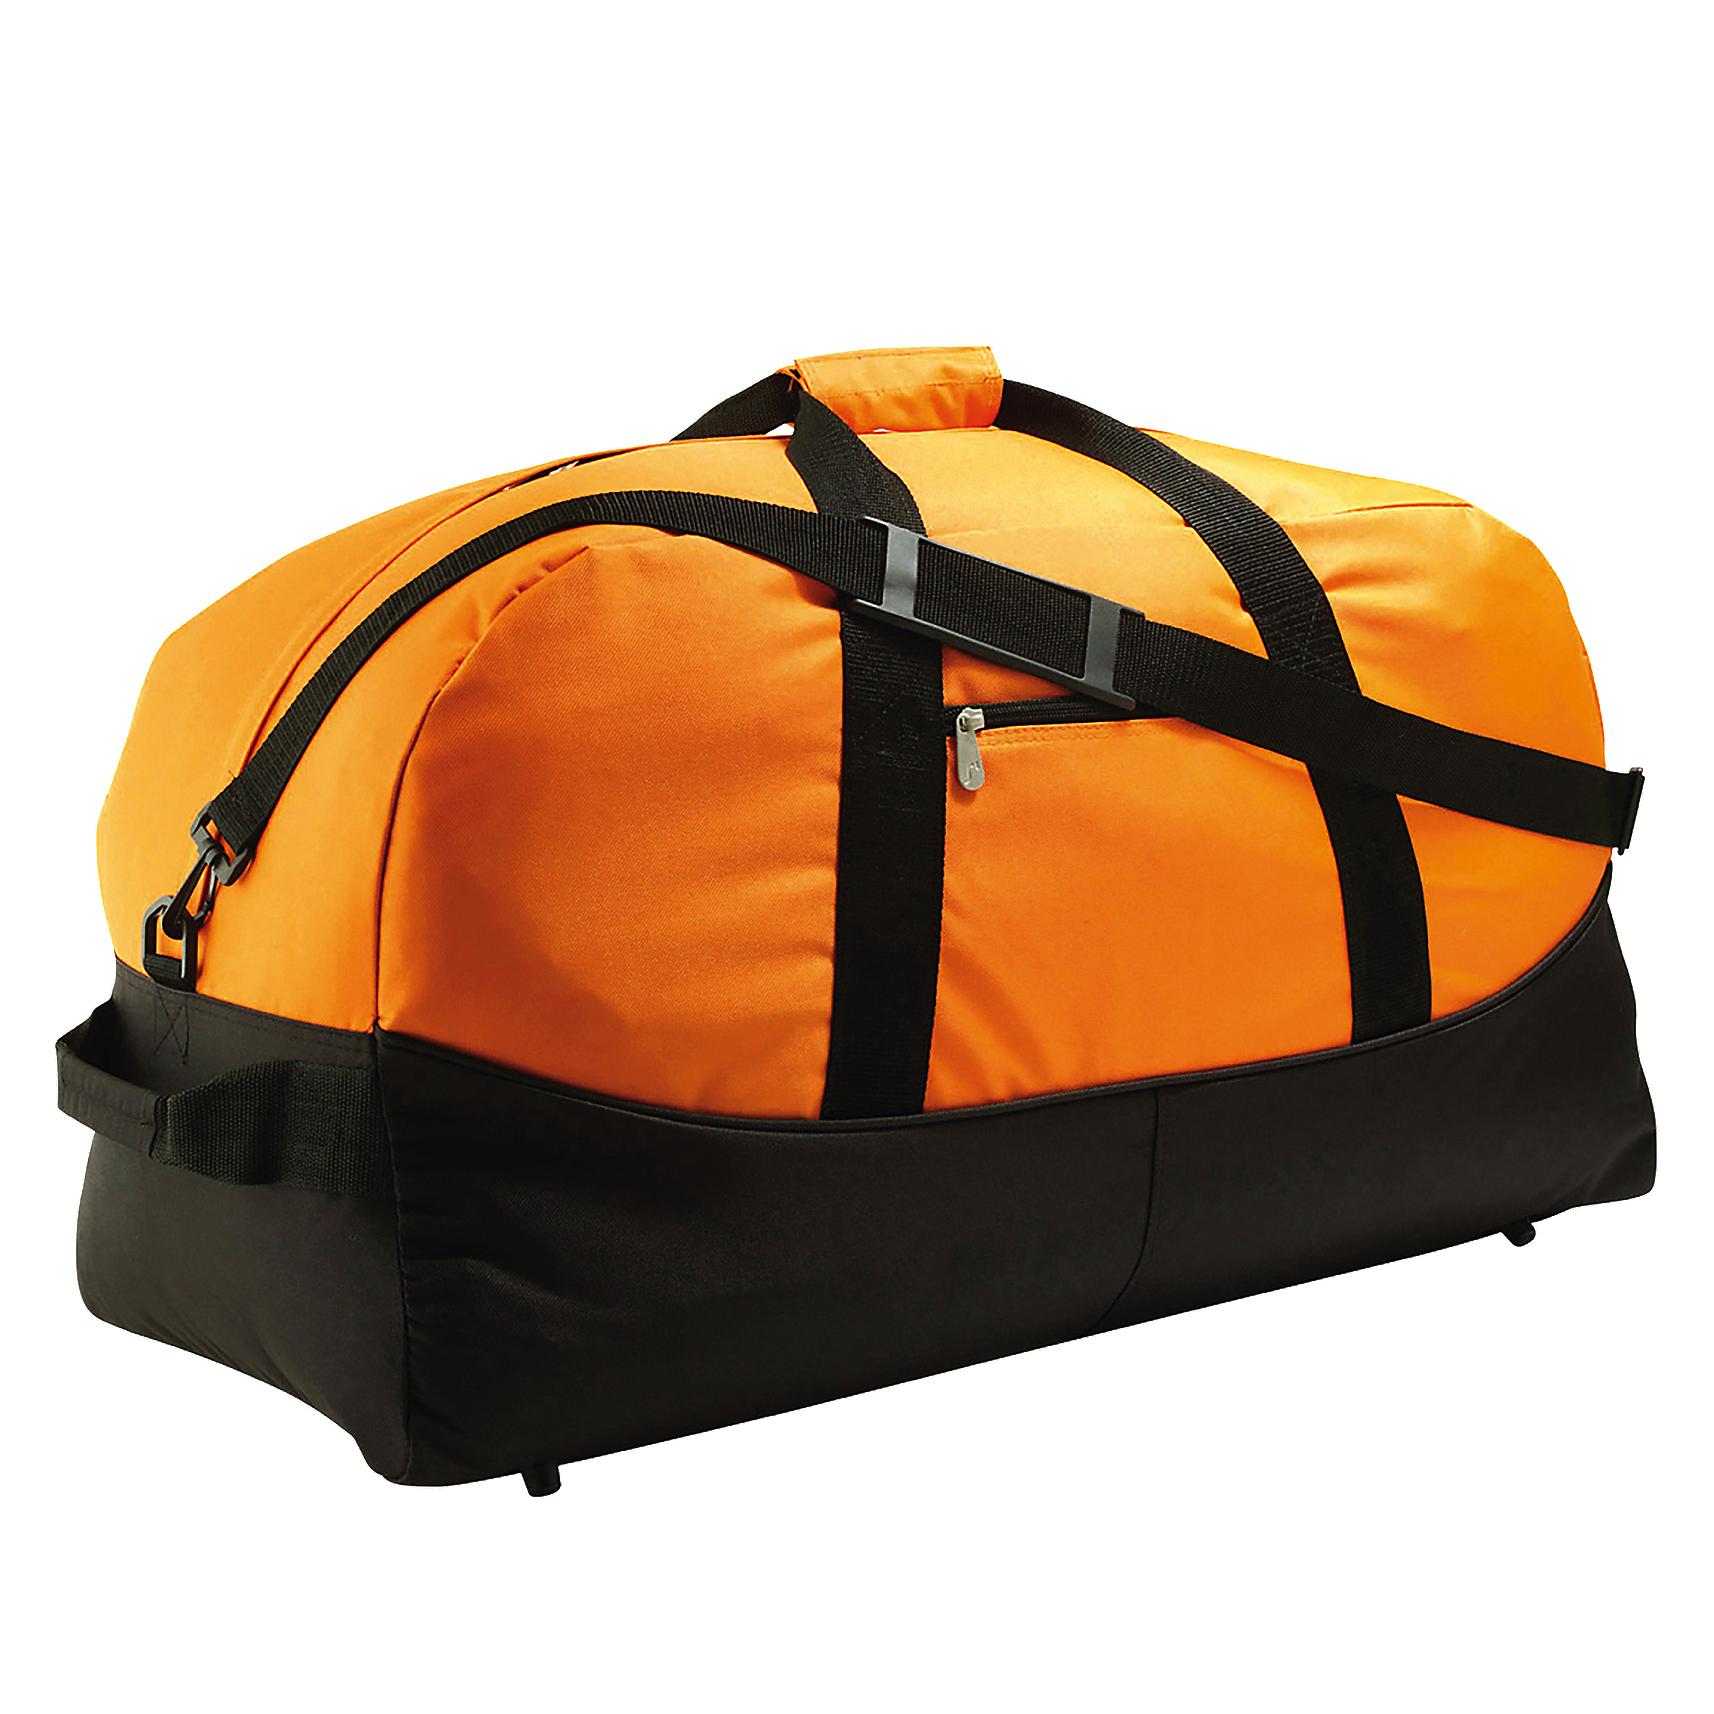 SOLS Stadium 65 Holdall Holiday Bag (ONE) (Orange)